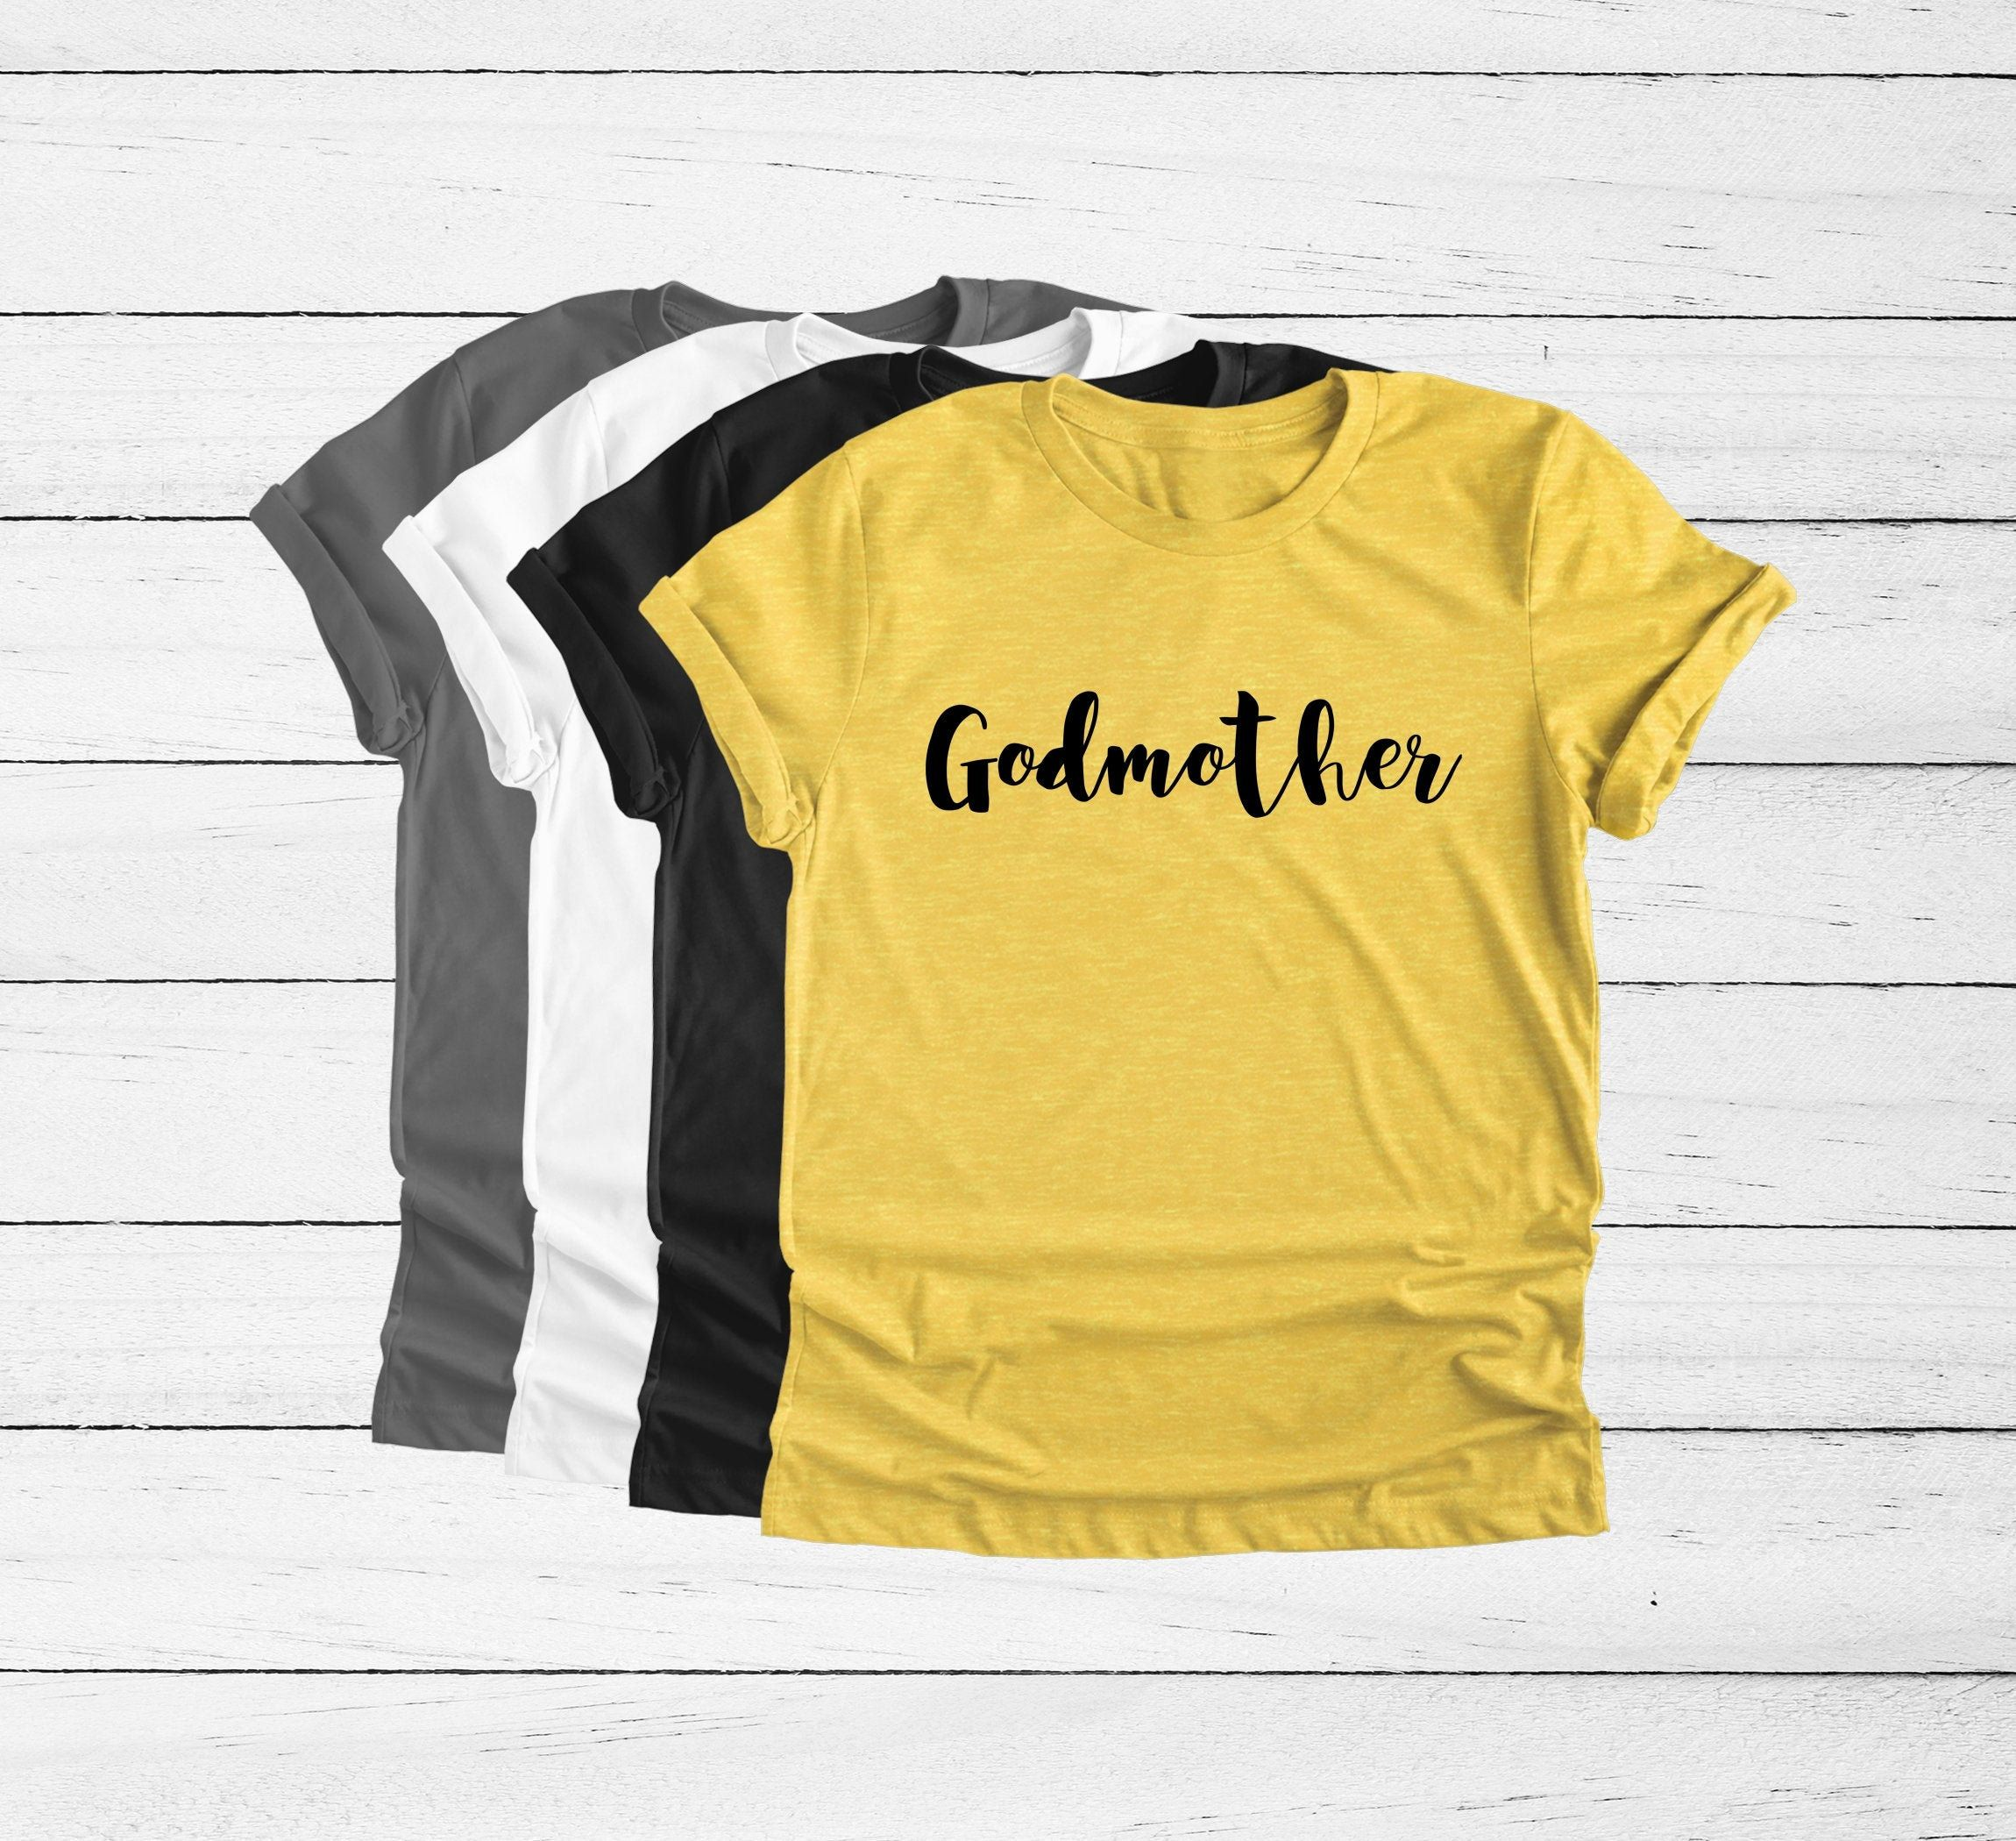 Godmother Shirt Godmother Gift Godmother TShirt Unisex